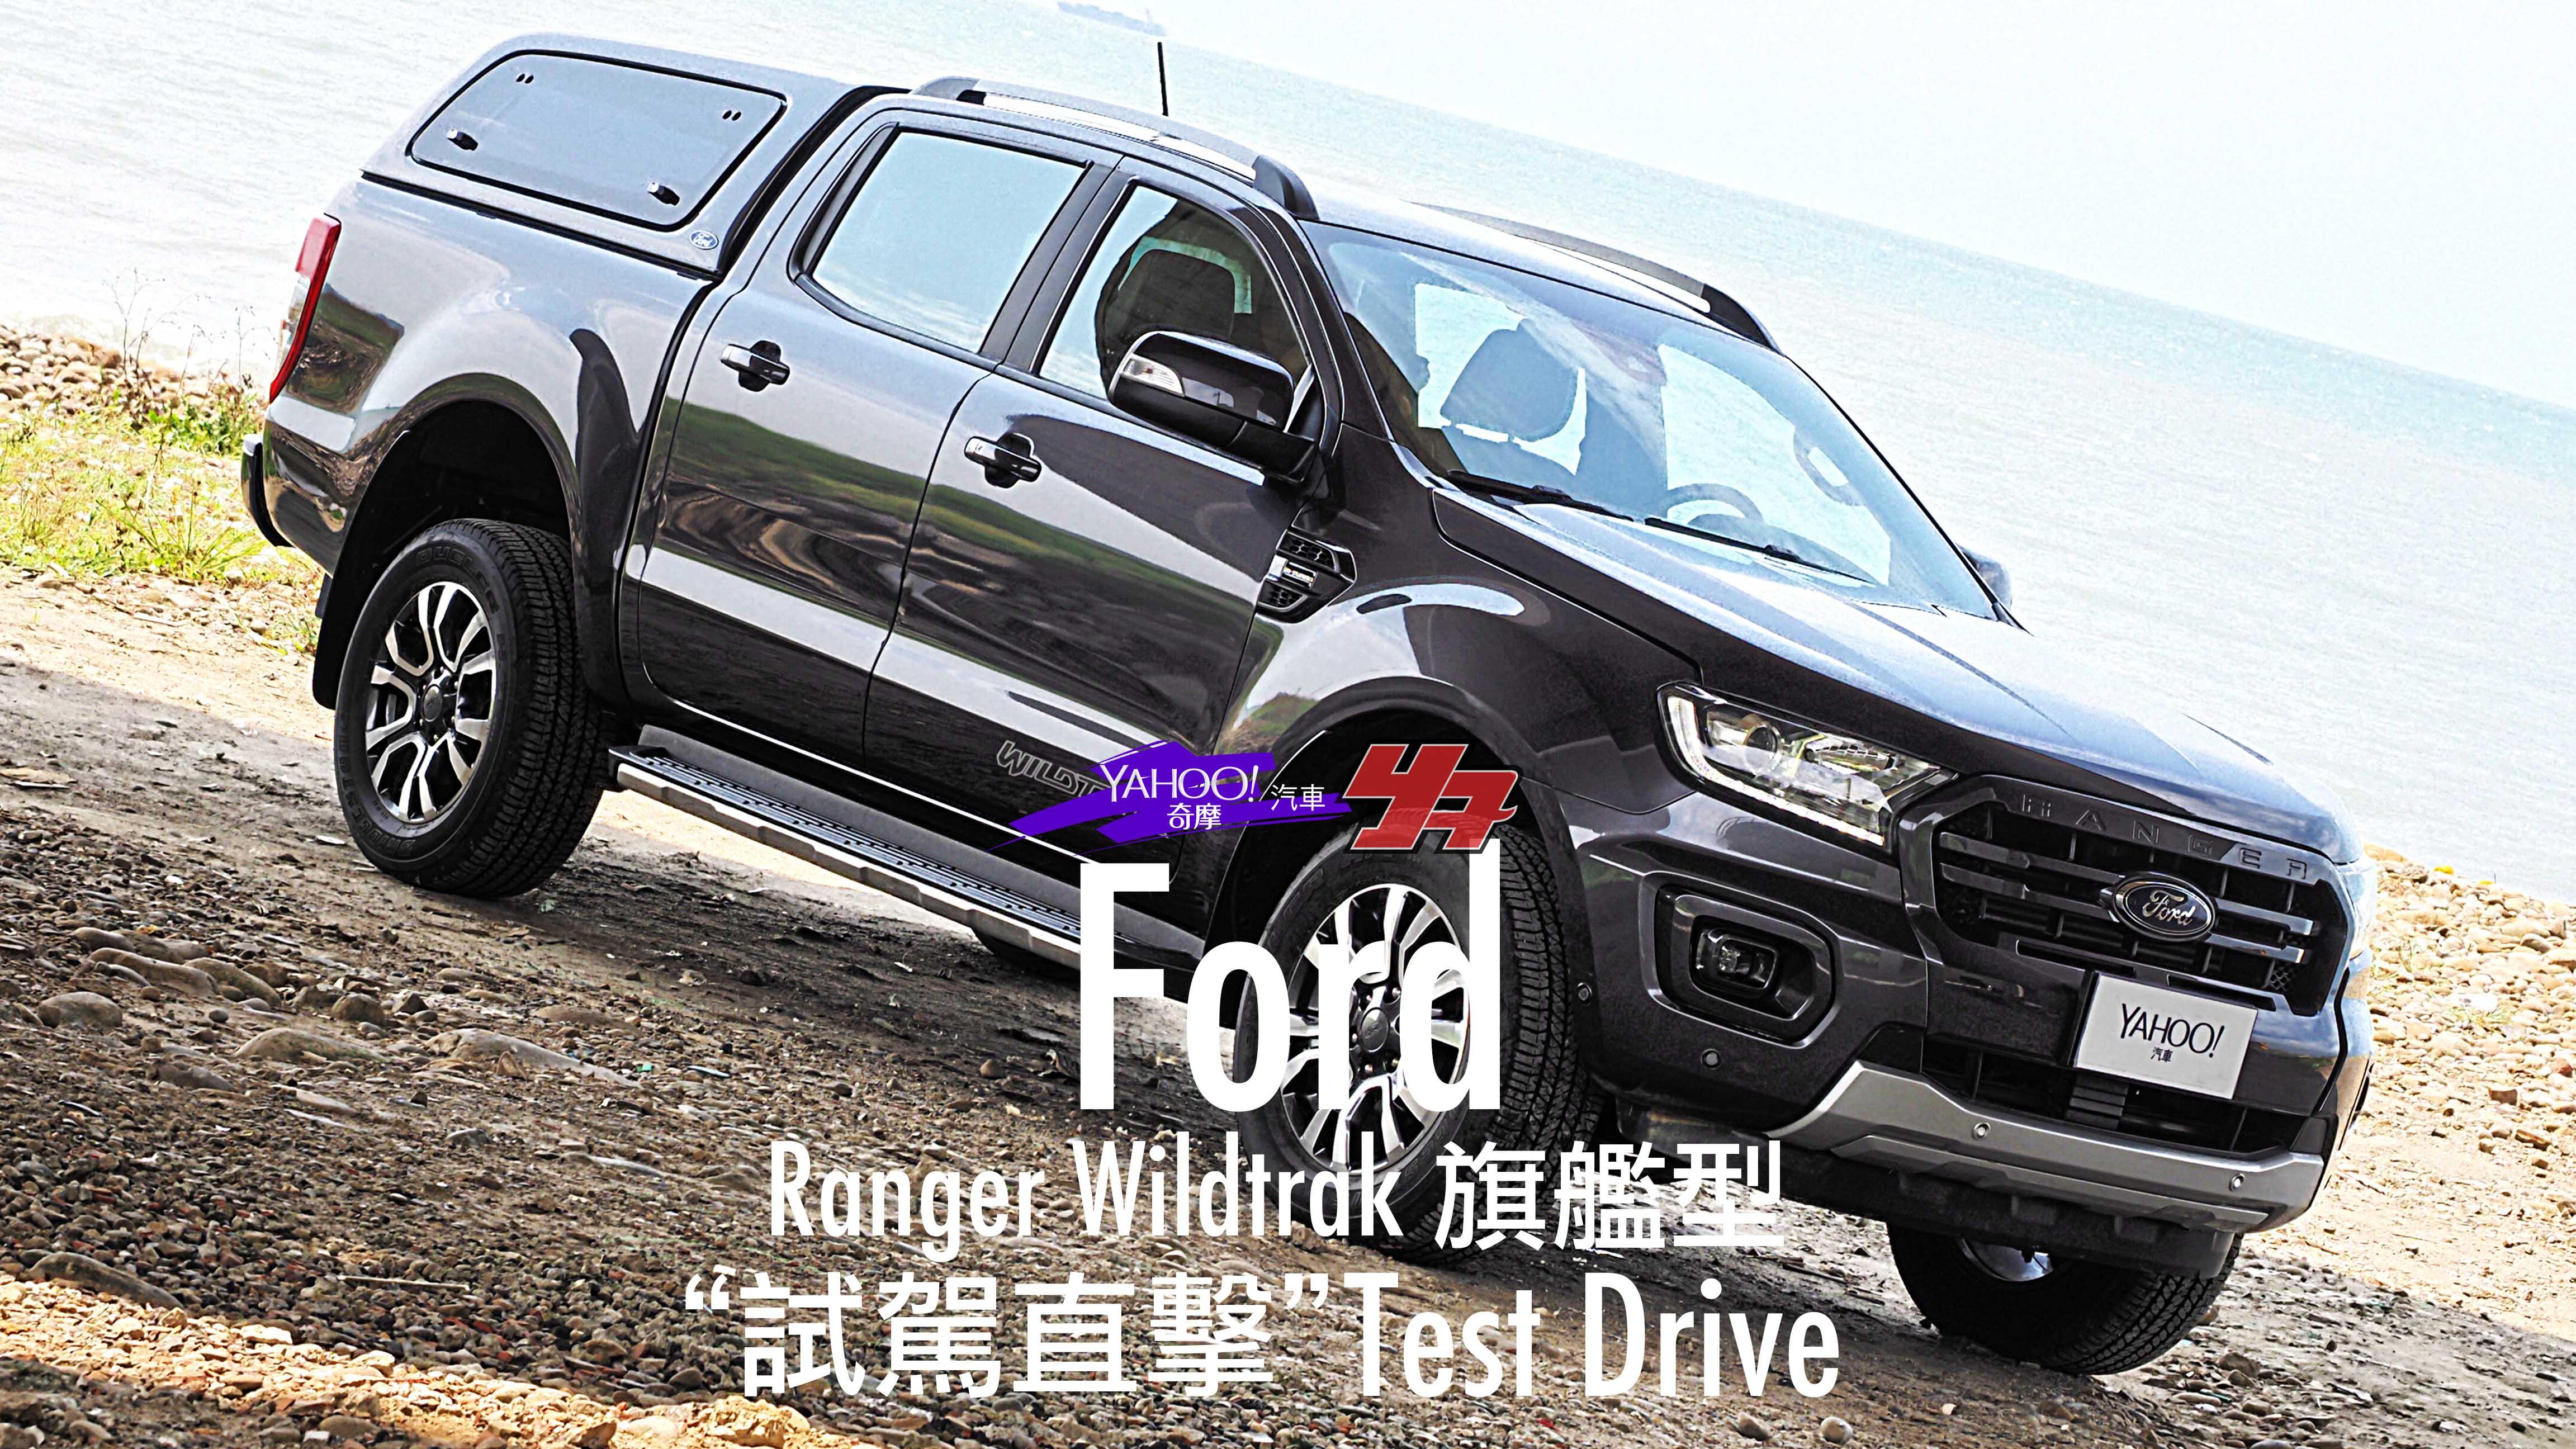 【試駕直擊】四肢發達、頭腦也不簡單!2019 Ford Ranger Wildtrak旗艦型撒野試駕